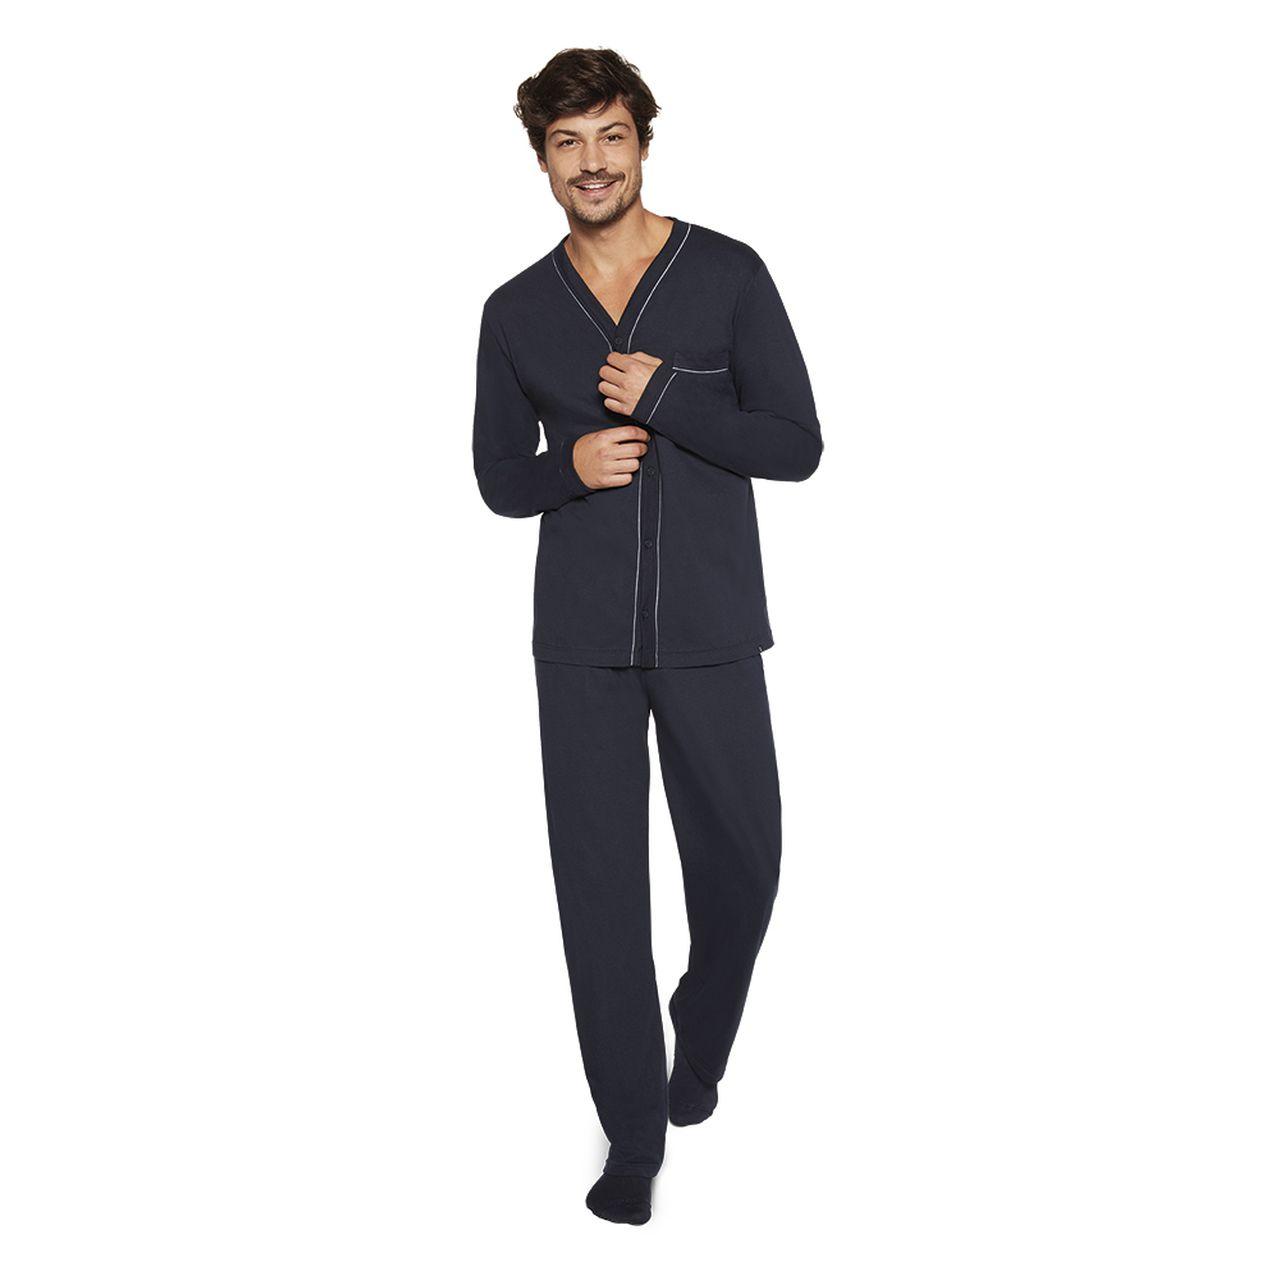 Pijama masculino inverno botão cava v lupo